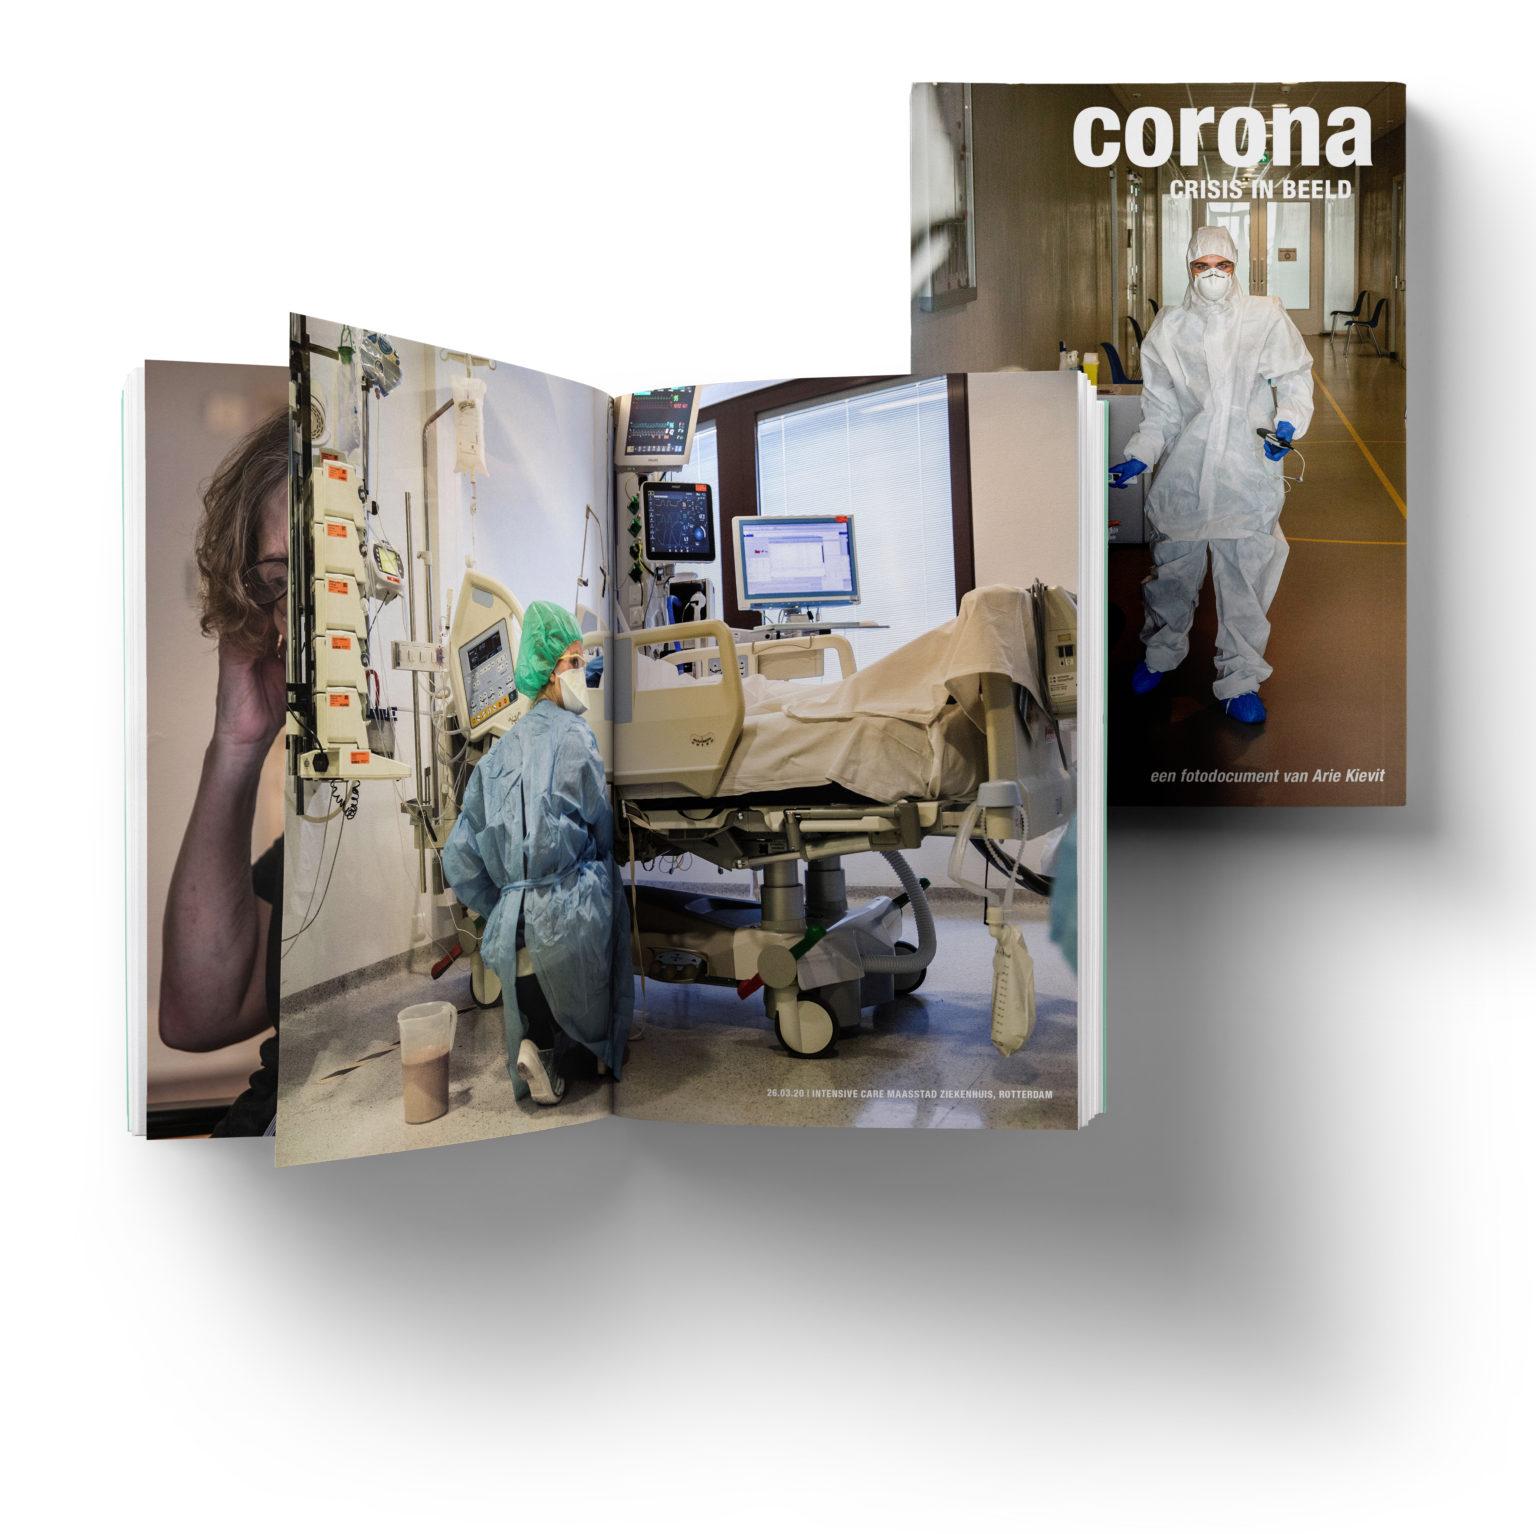 Corona crisis in beeld